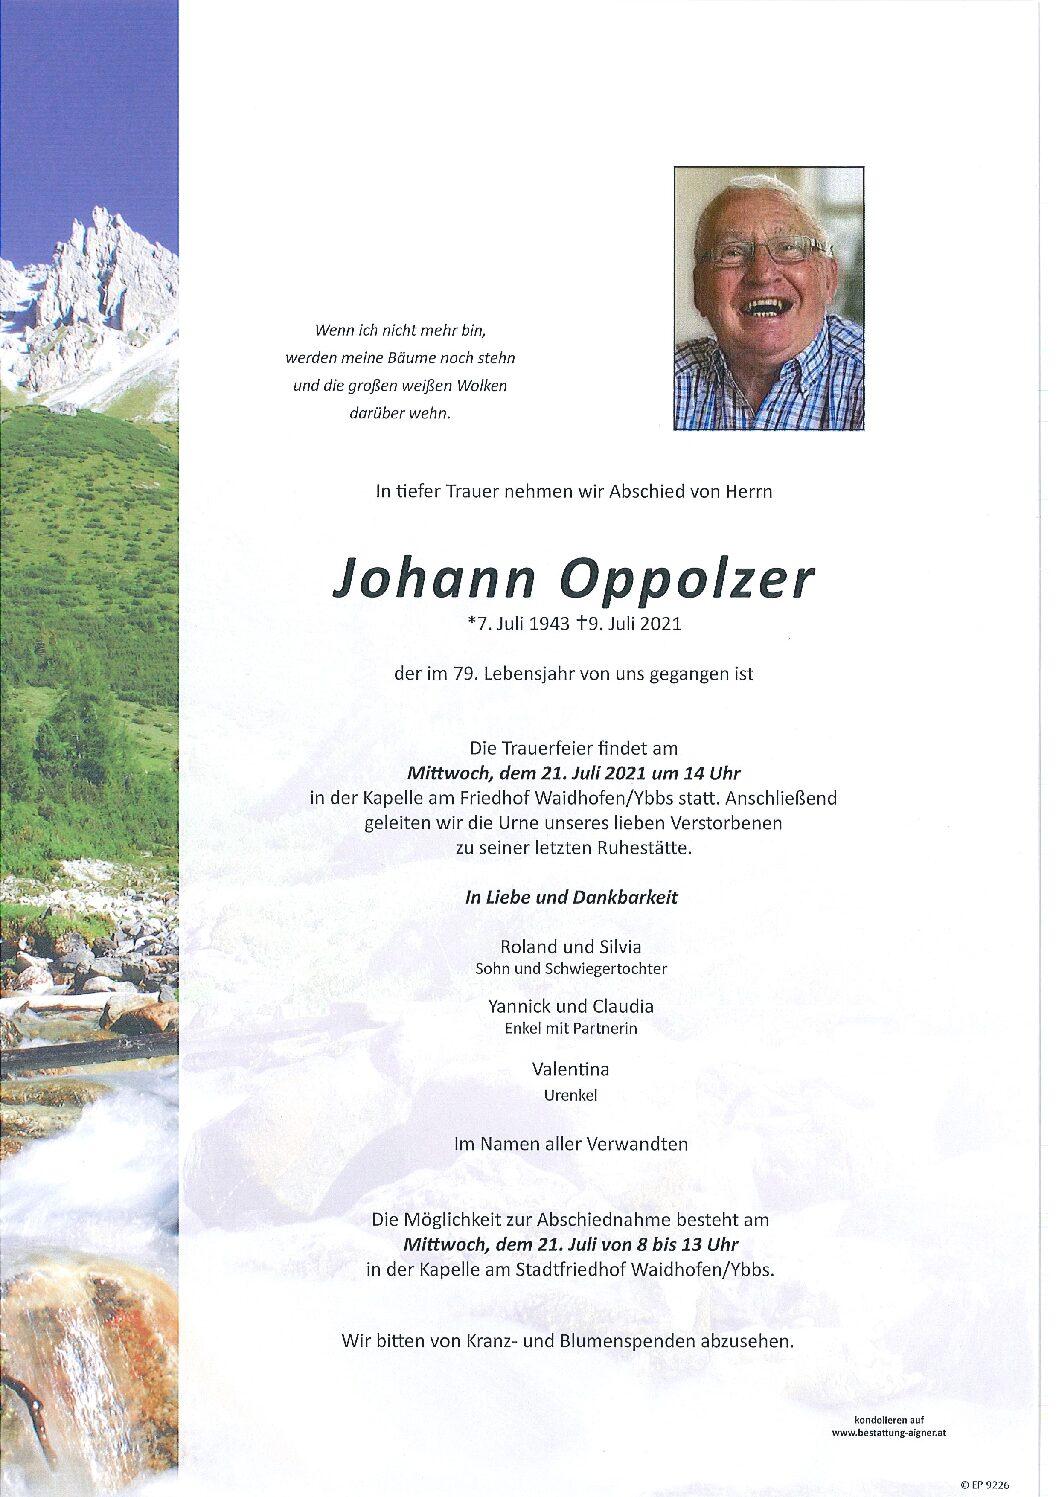 Johann Oppolzer